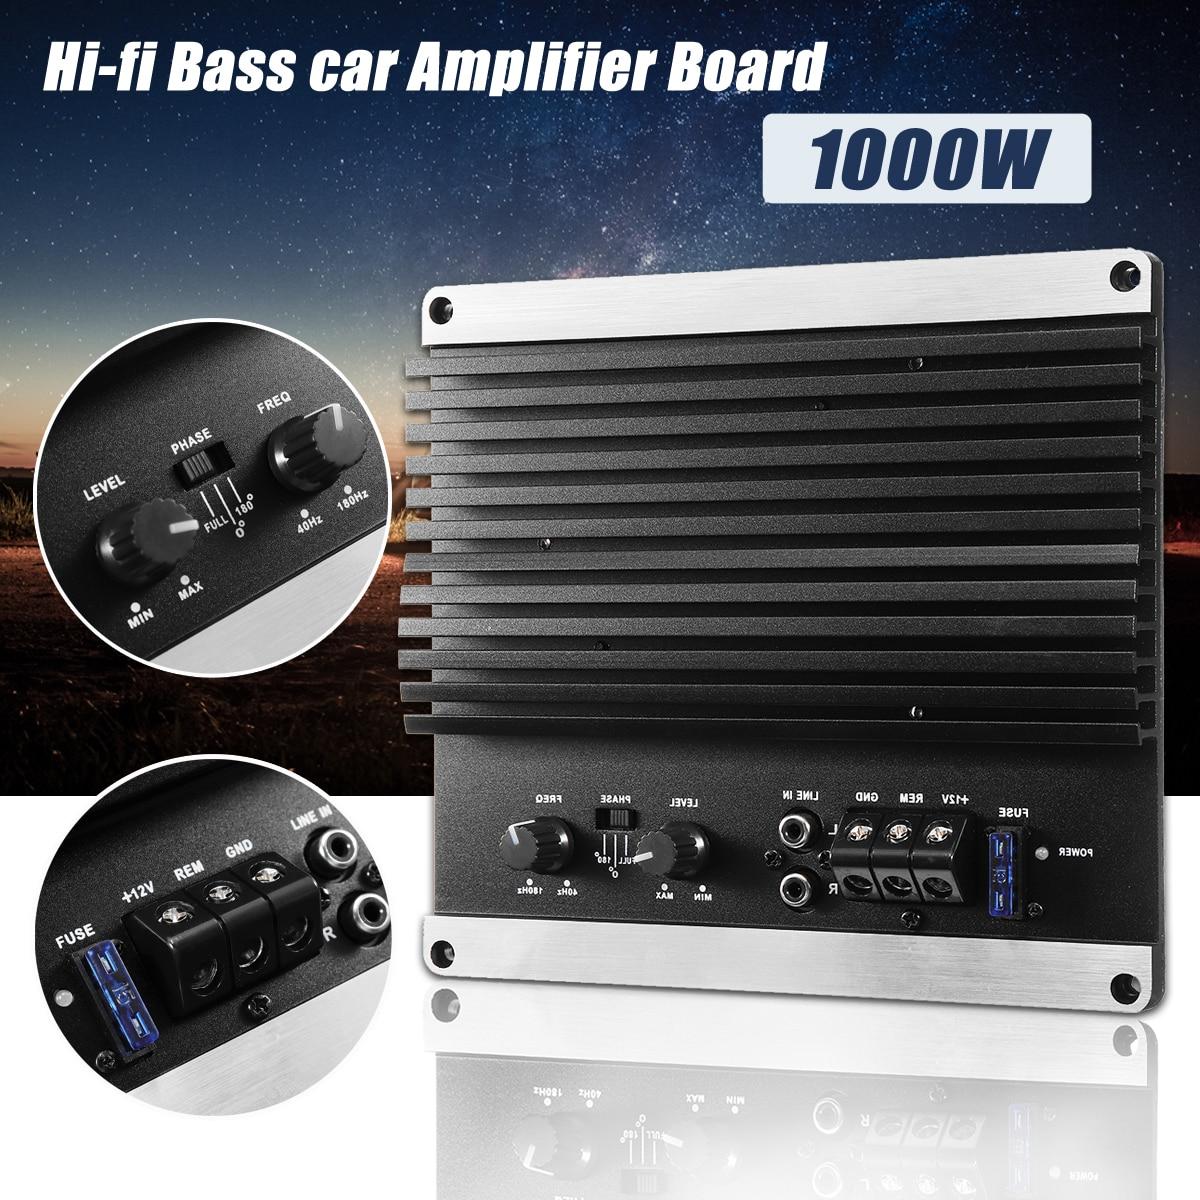 4 Channel Car Amplifier Audio 2000w 12db High Power Amplifiers 1600w Digital Bridgeable Pro Kit 12v 1000w Mono Amp Board Powerful Bass Subwoofers